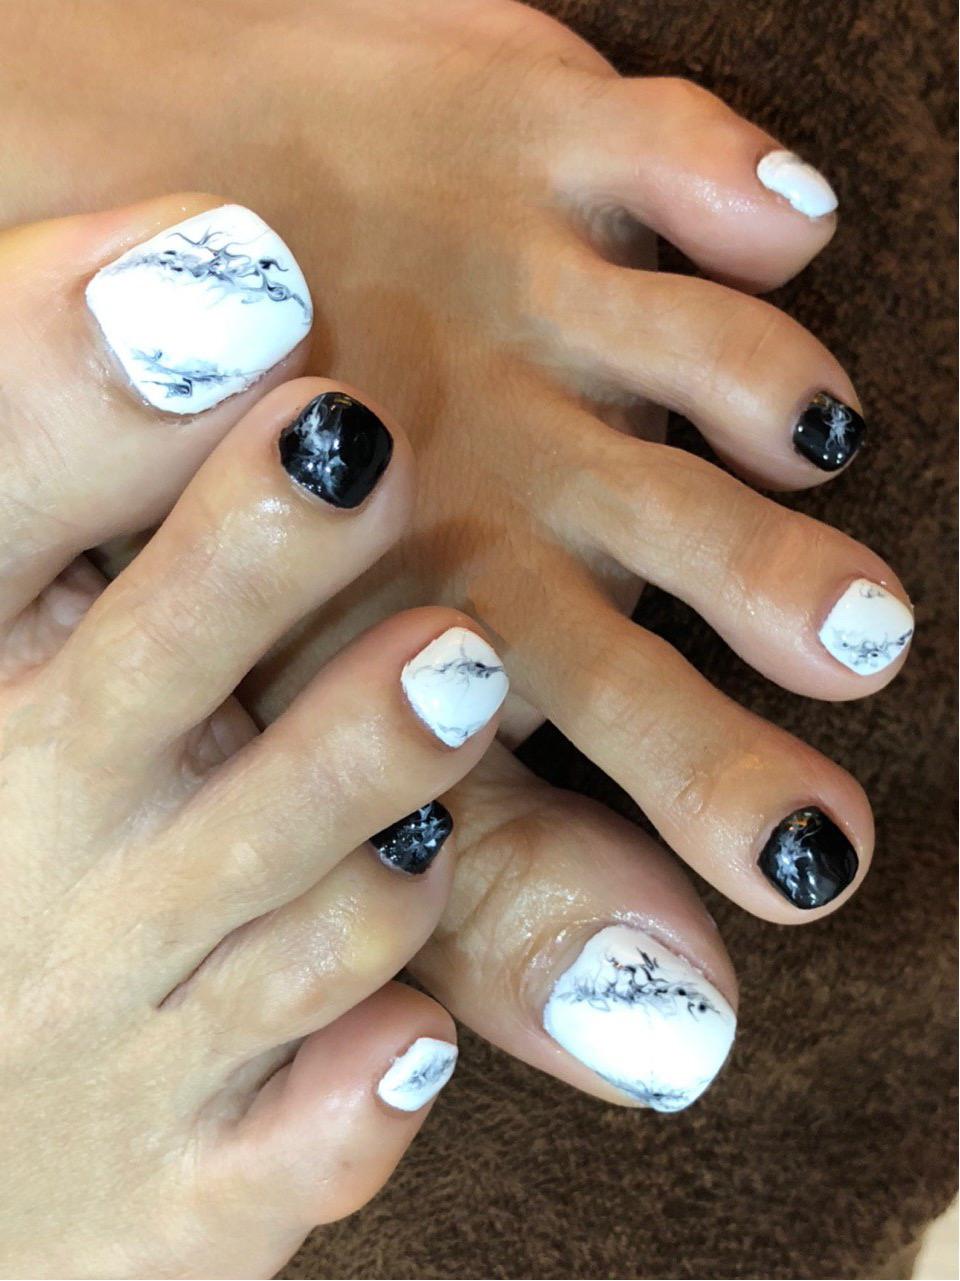 Manicure & Pedicure 7